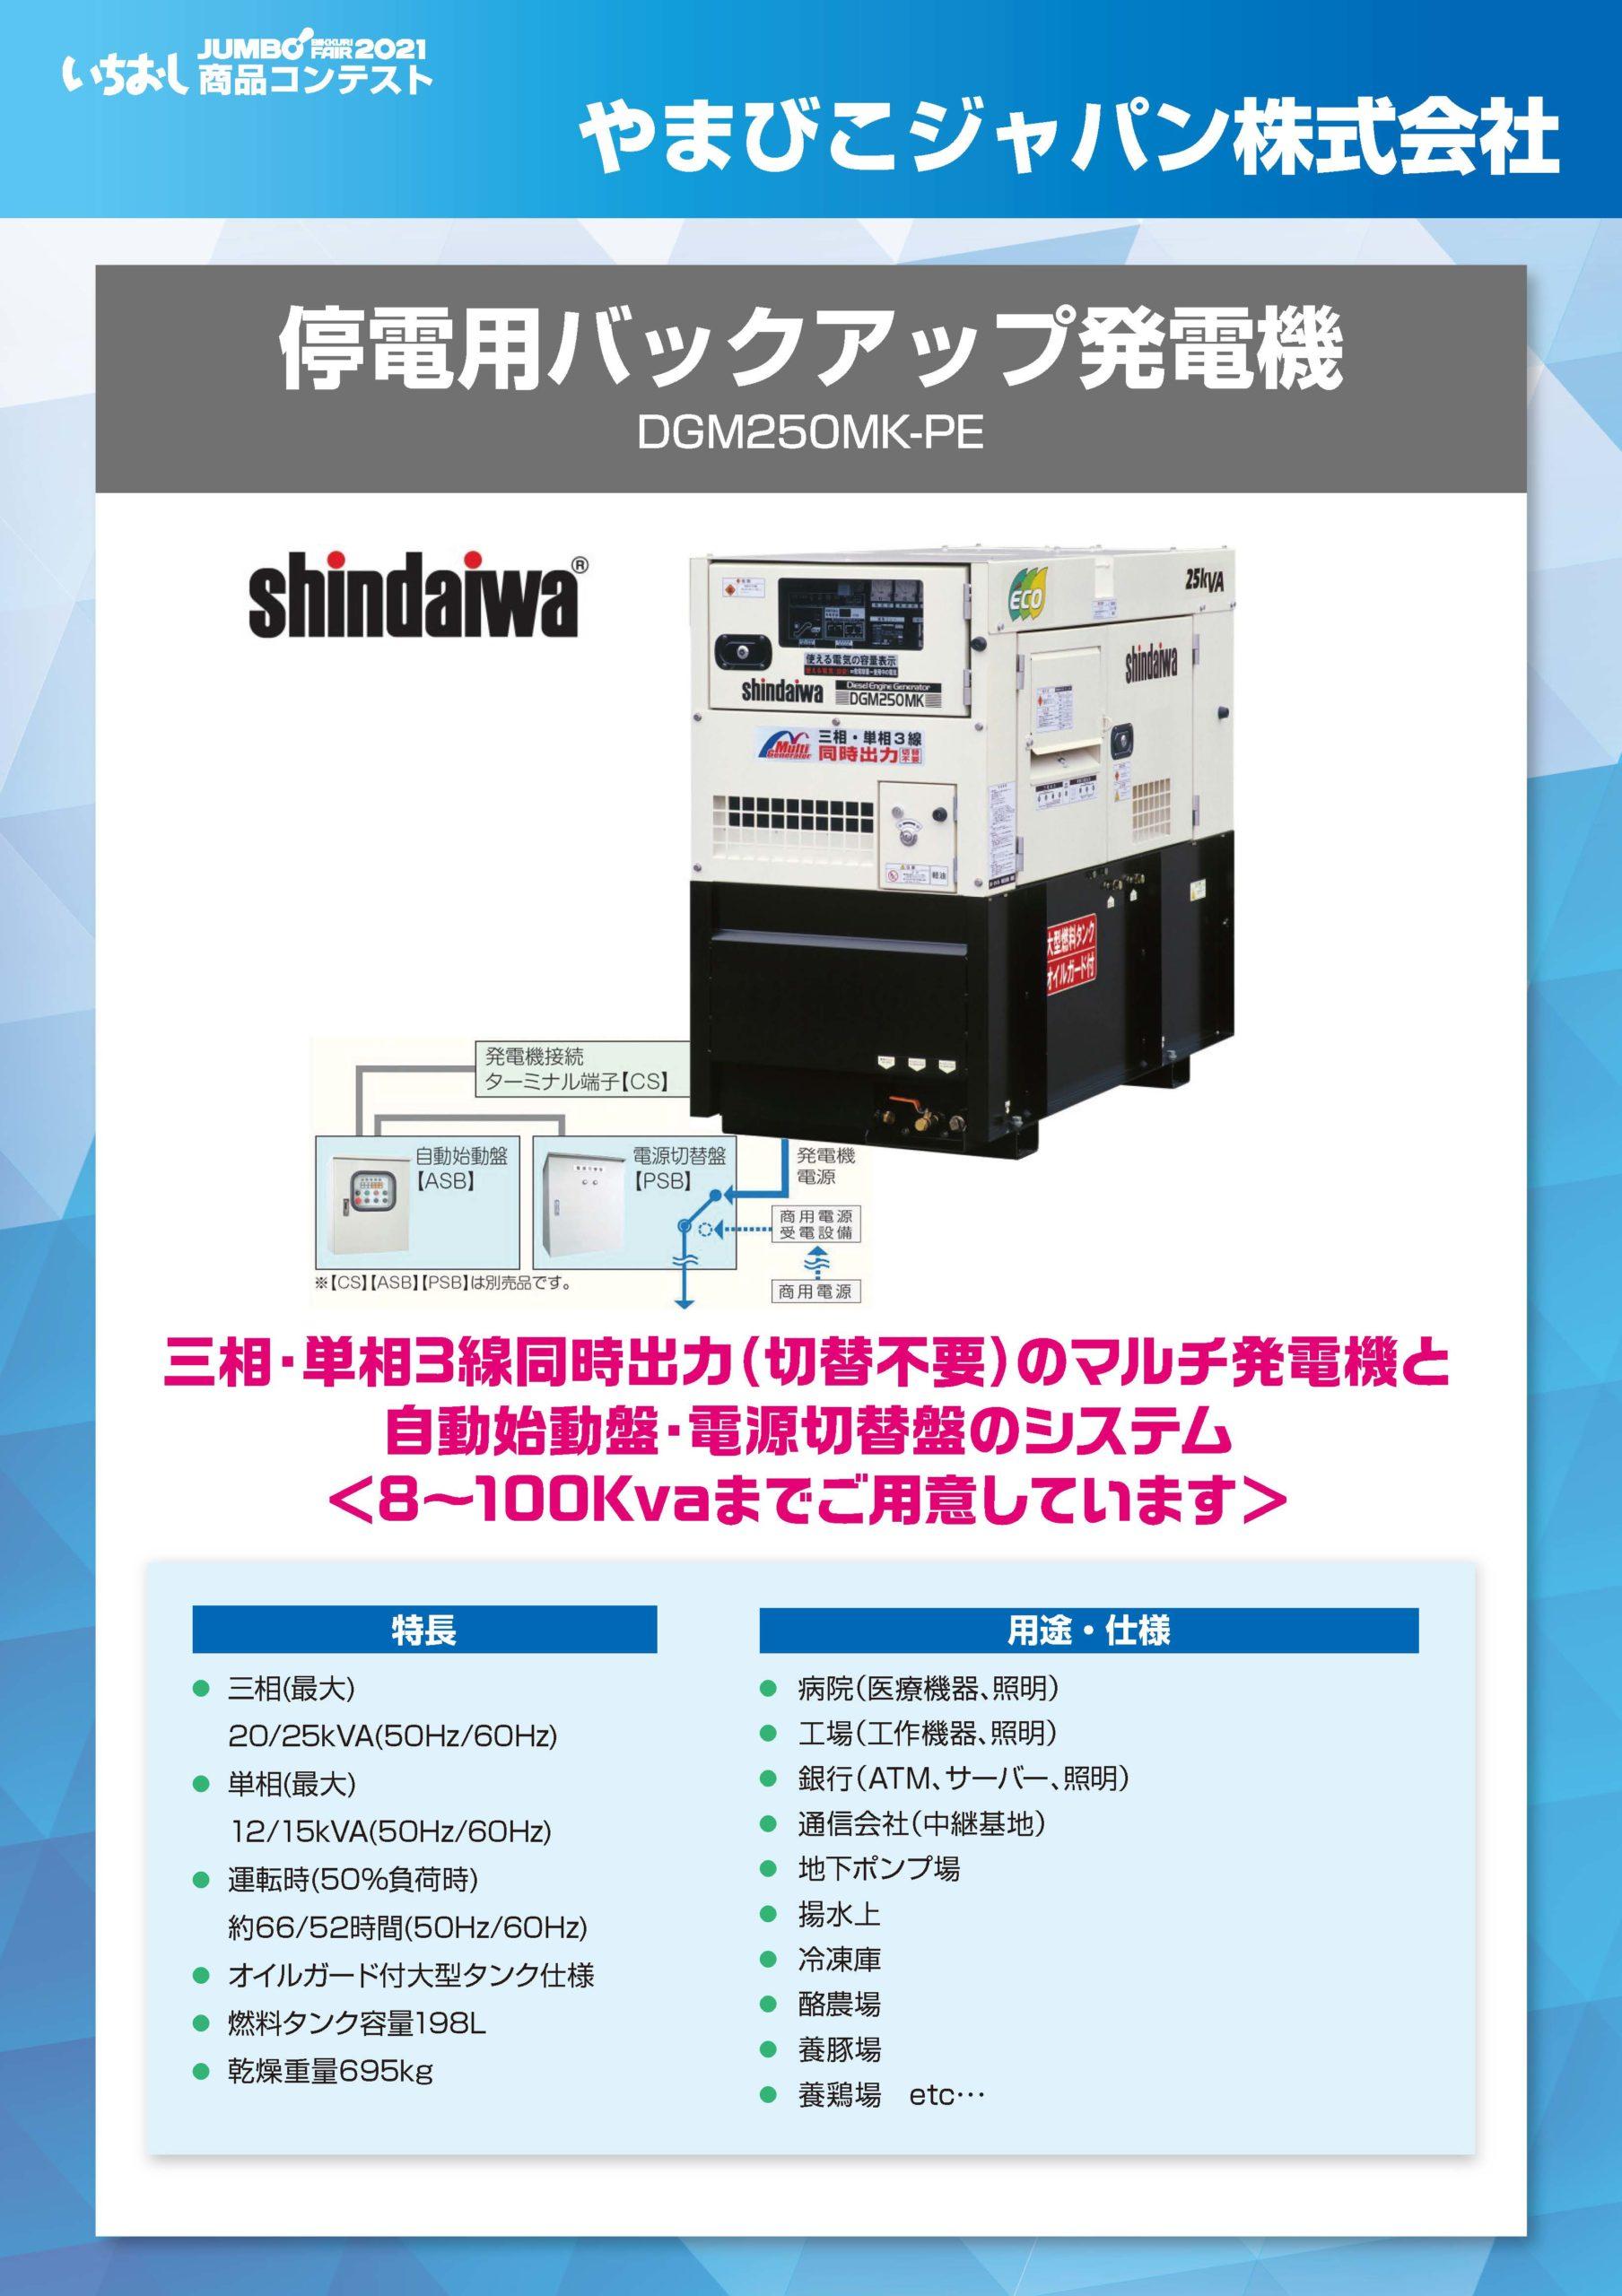 「停電用バックアップ発電機」やまびこジャパン株式会社の画像